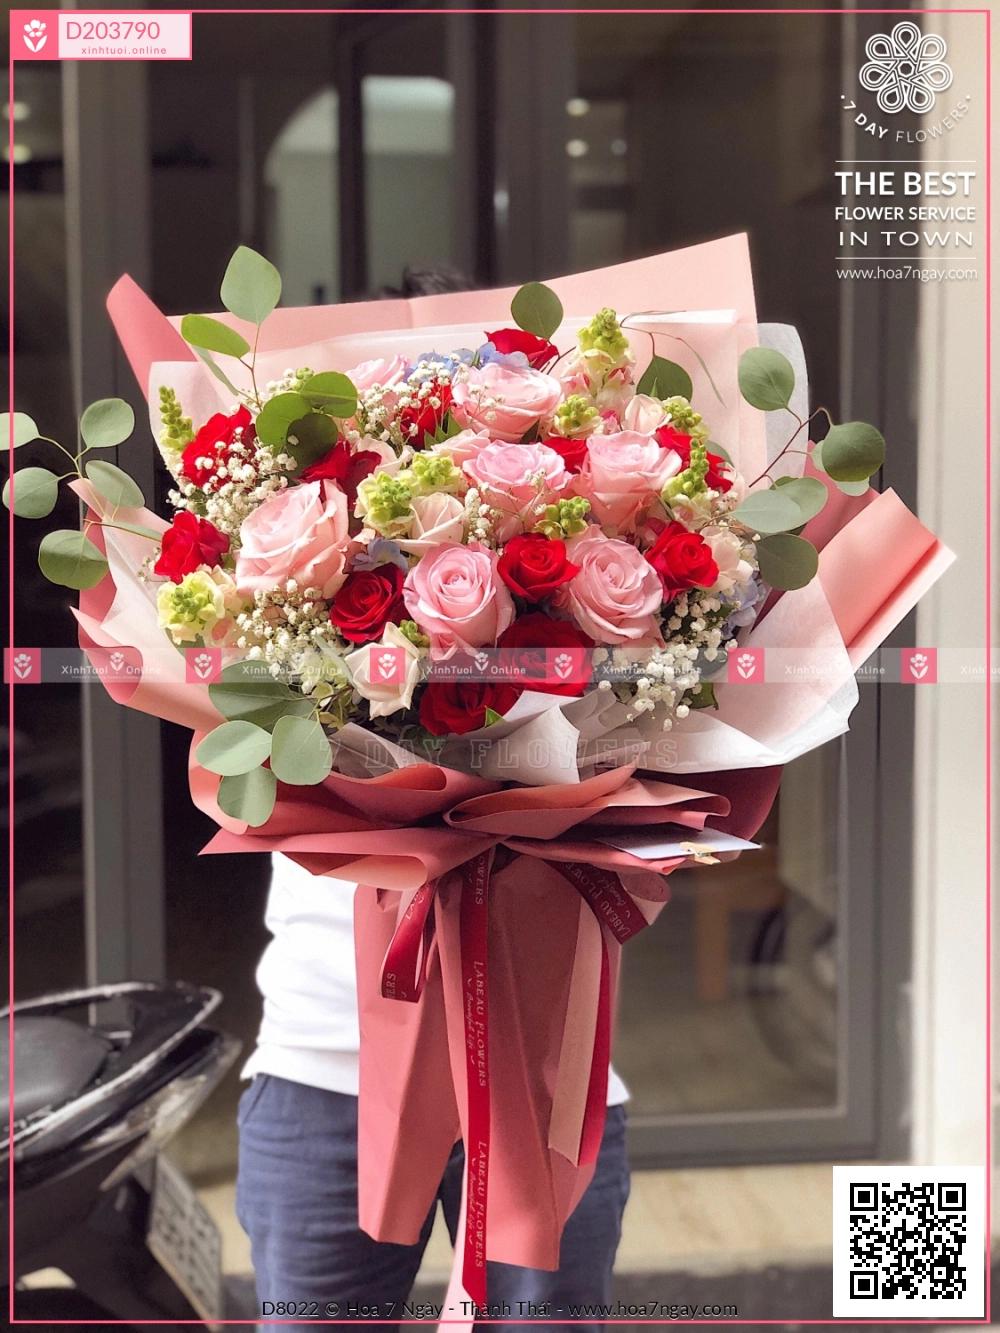 My love - D203790 - xinhtuoi.online